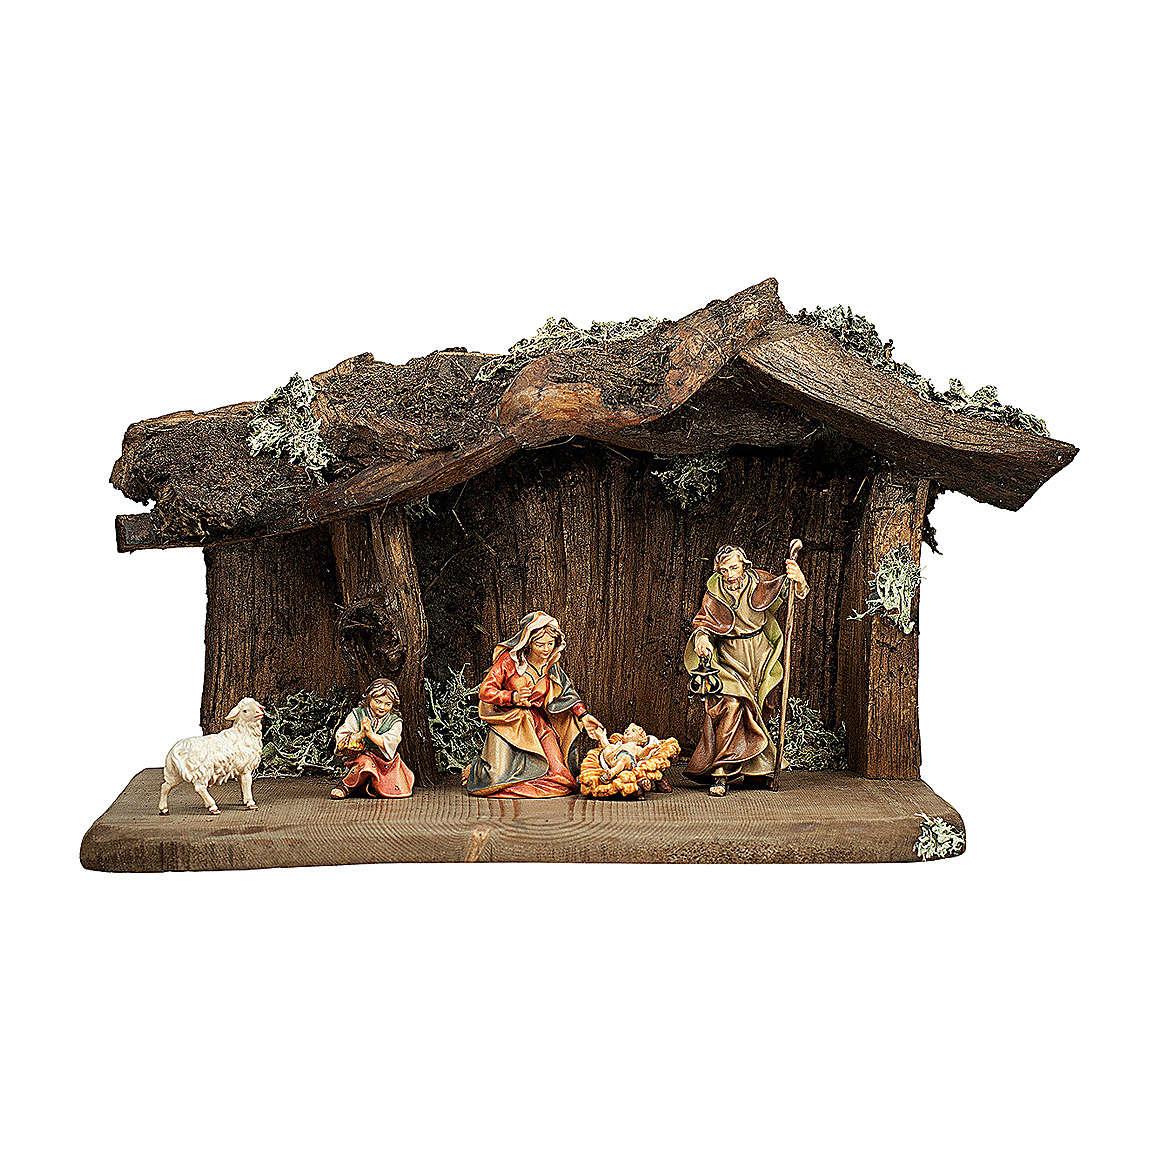 Sacra famiglia nella grotta presepe Original legno dipinto in Val Gardena 12 cm - 5 pz 4